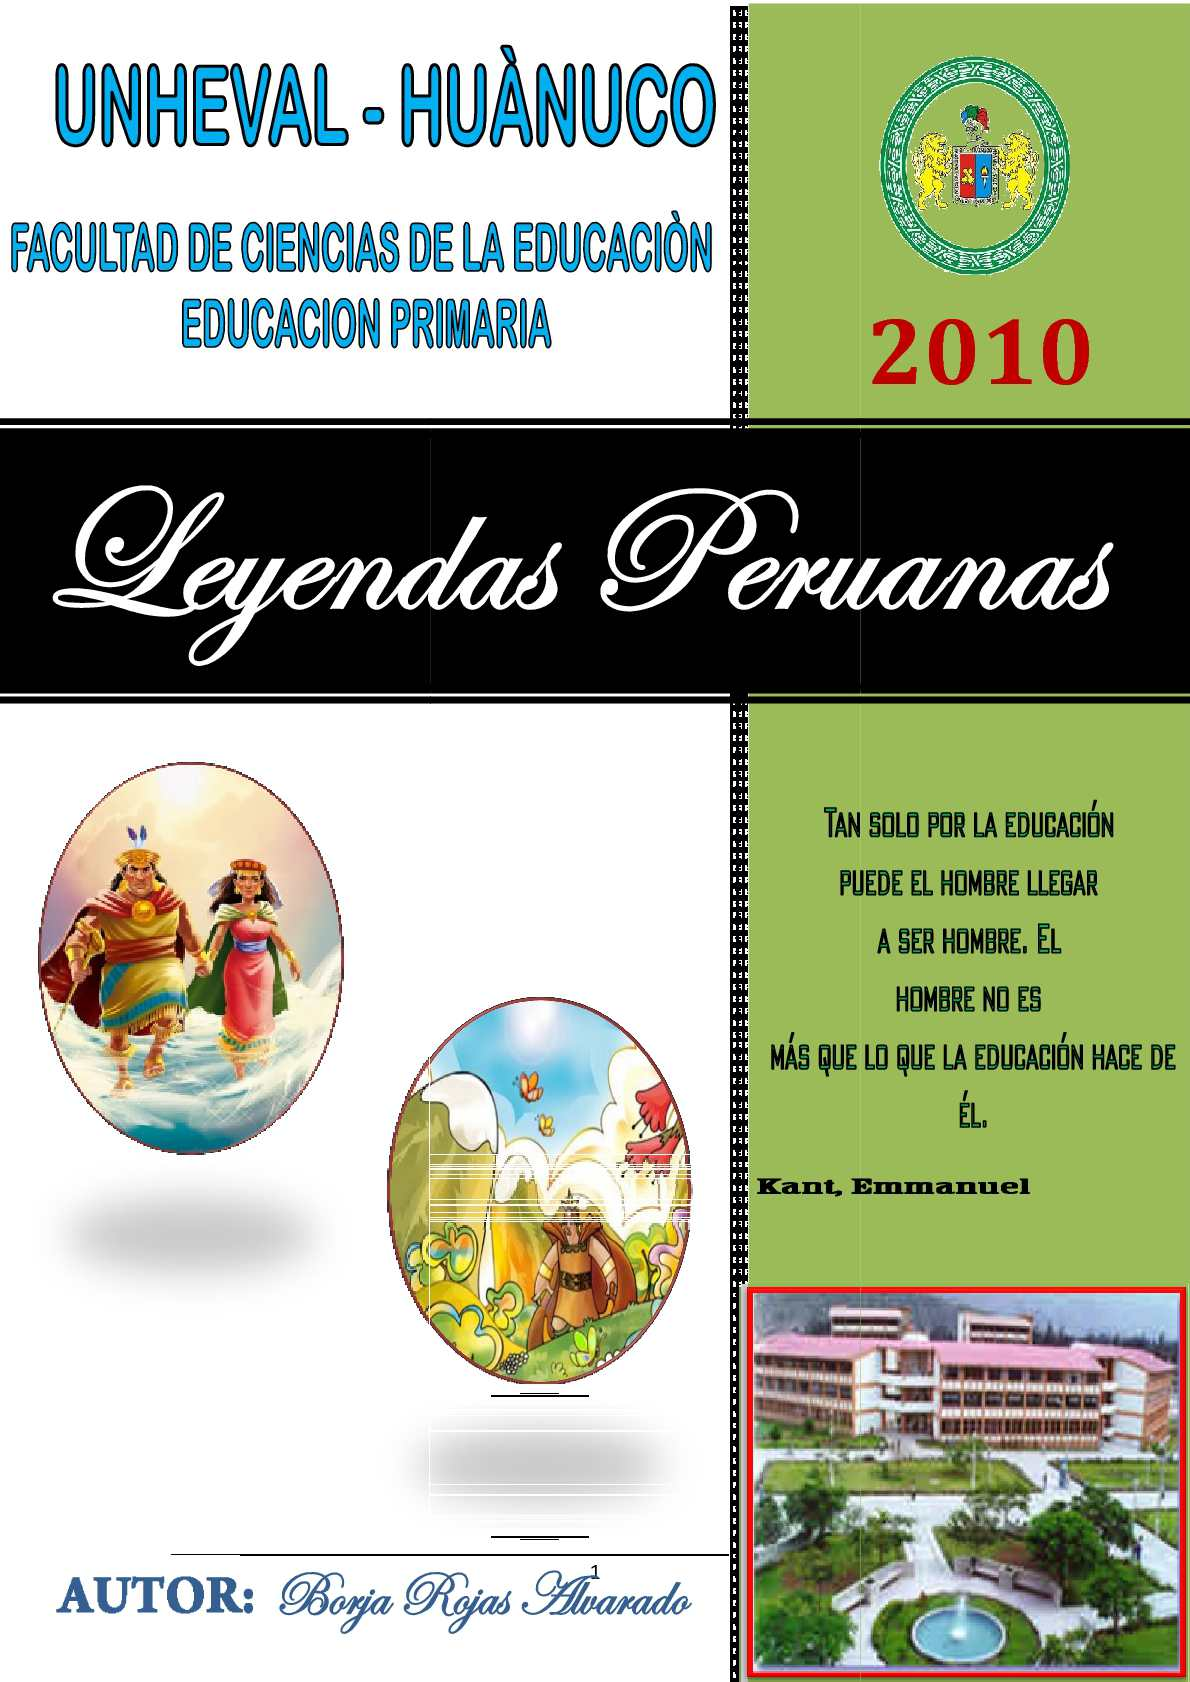 Calaméo - LEYENDAS PERUANAS